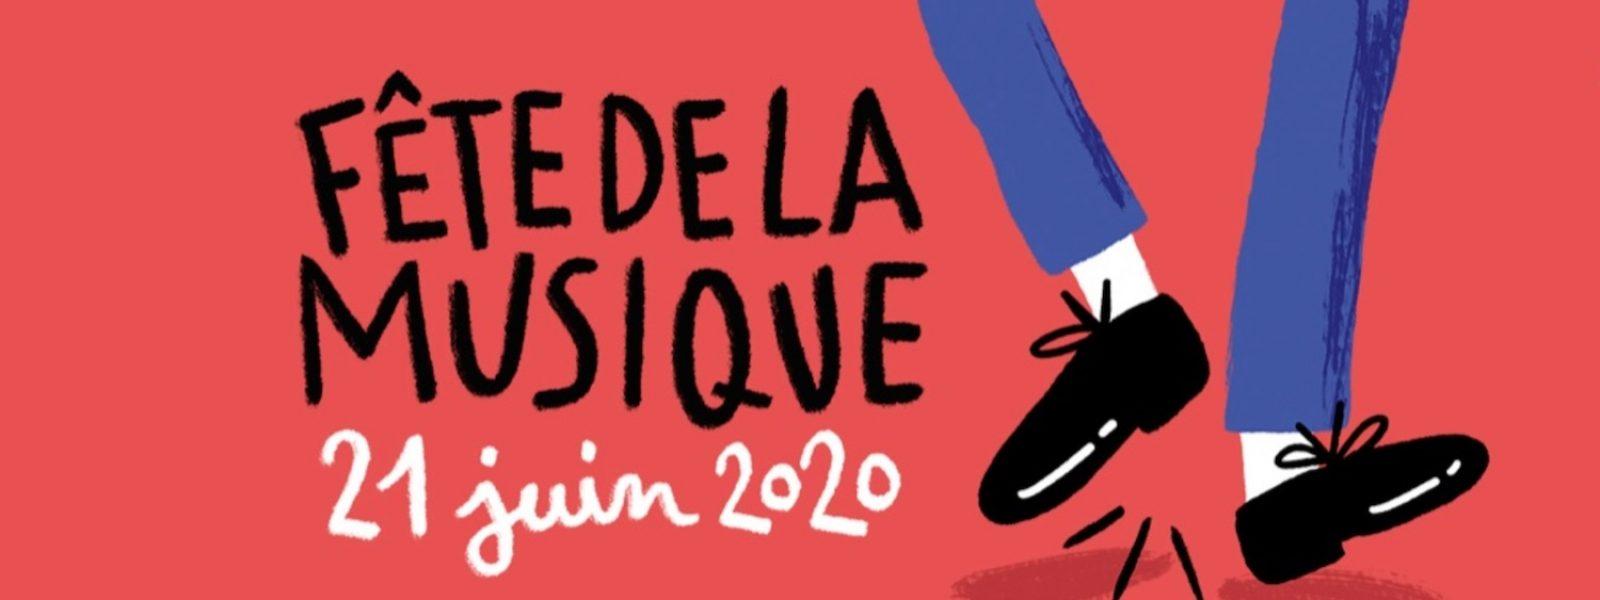 Fete-de-la-musique-2020